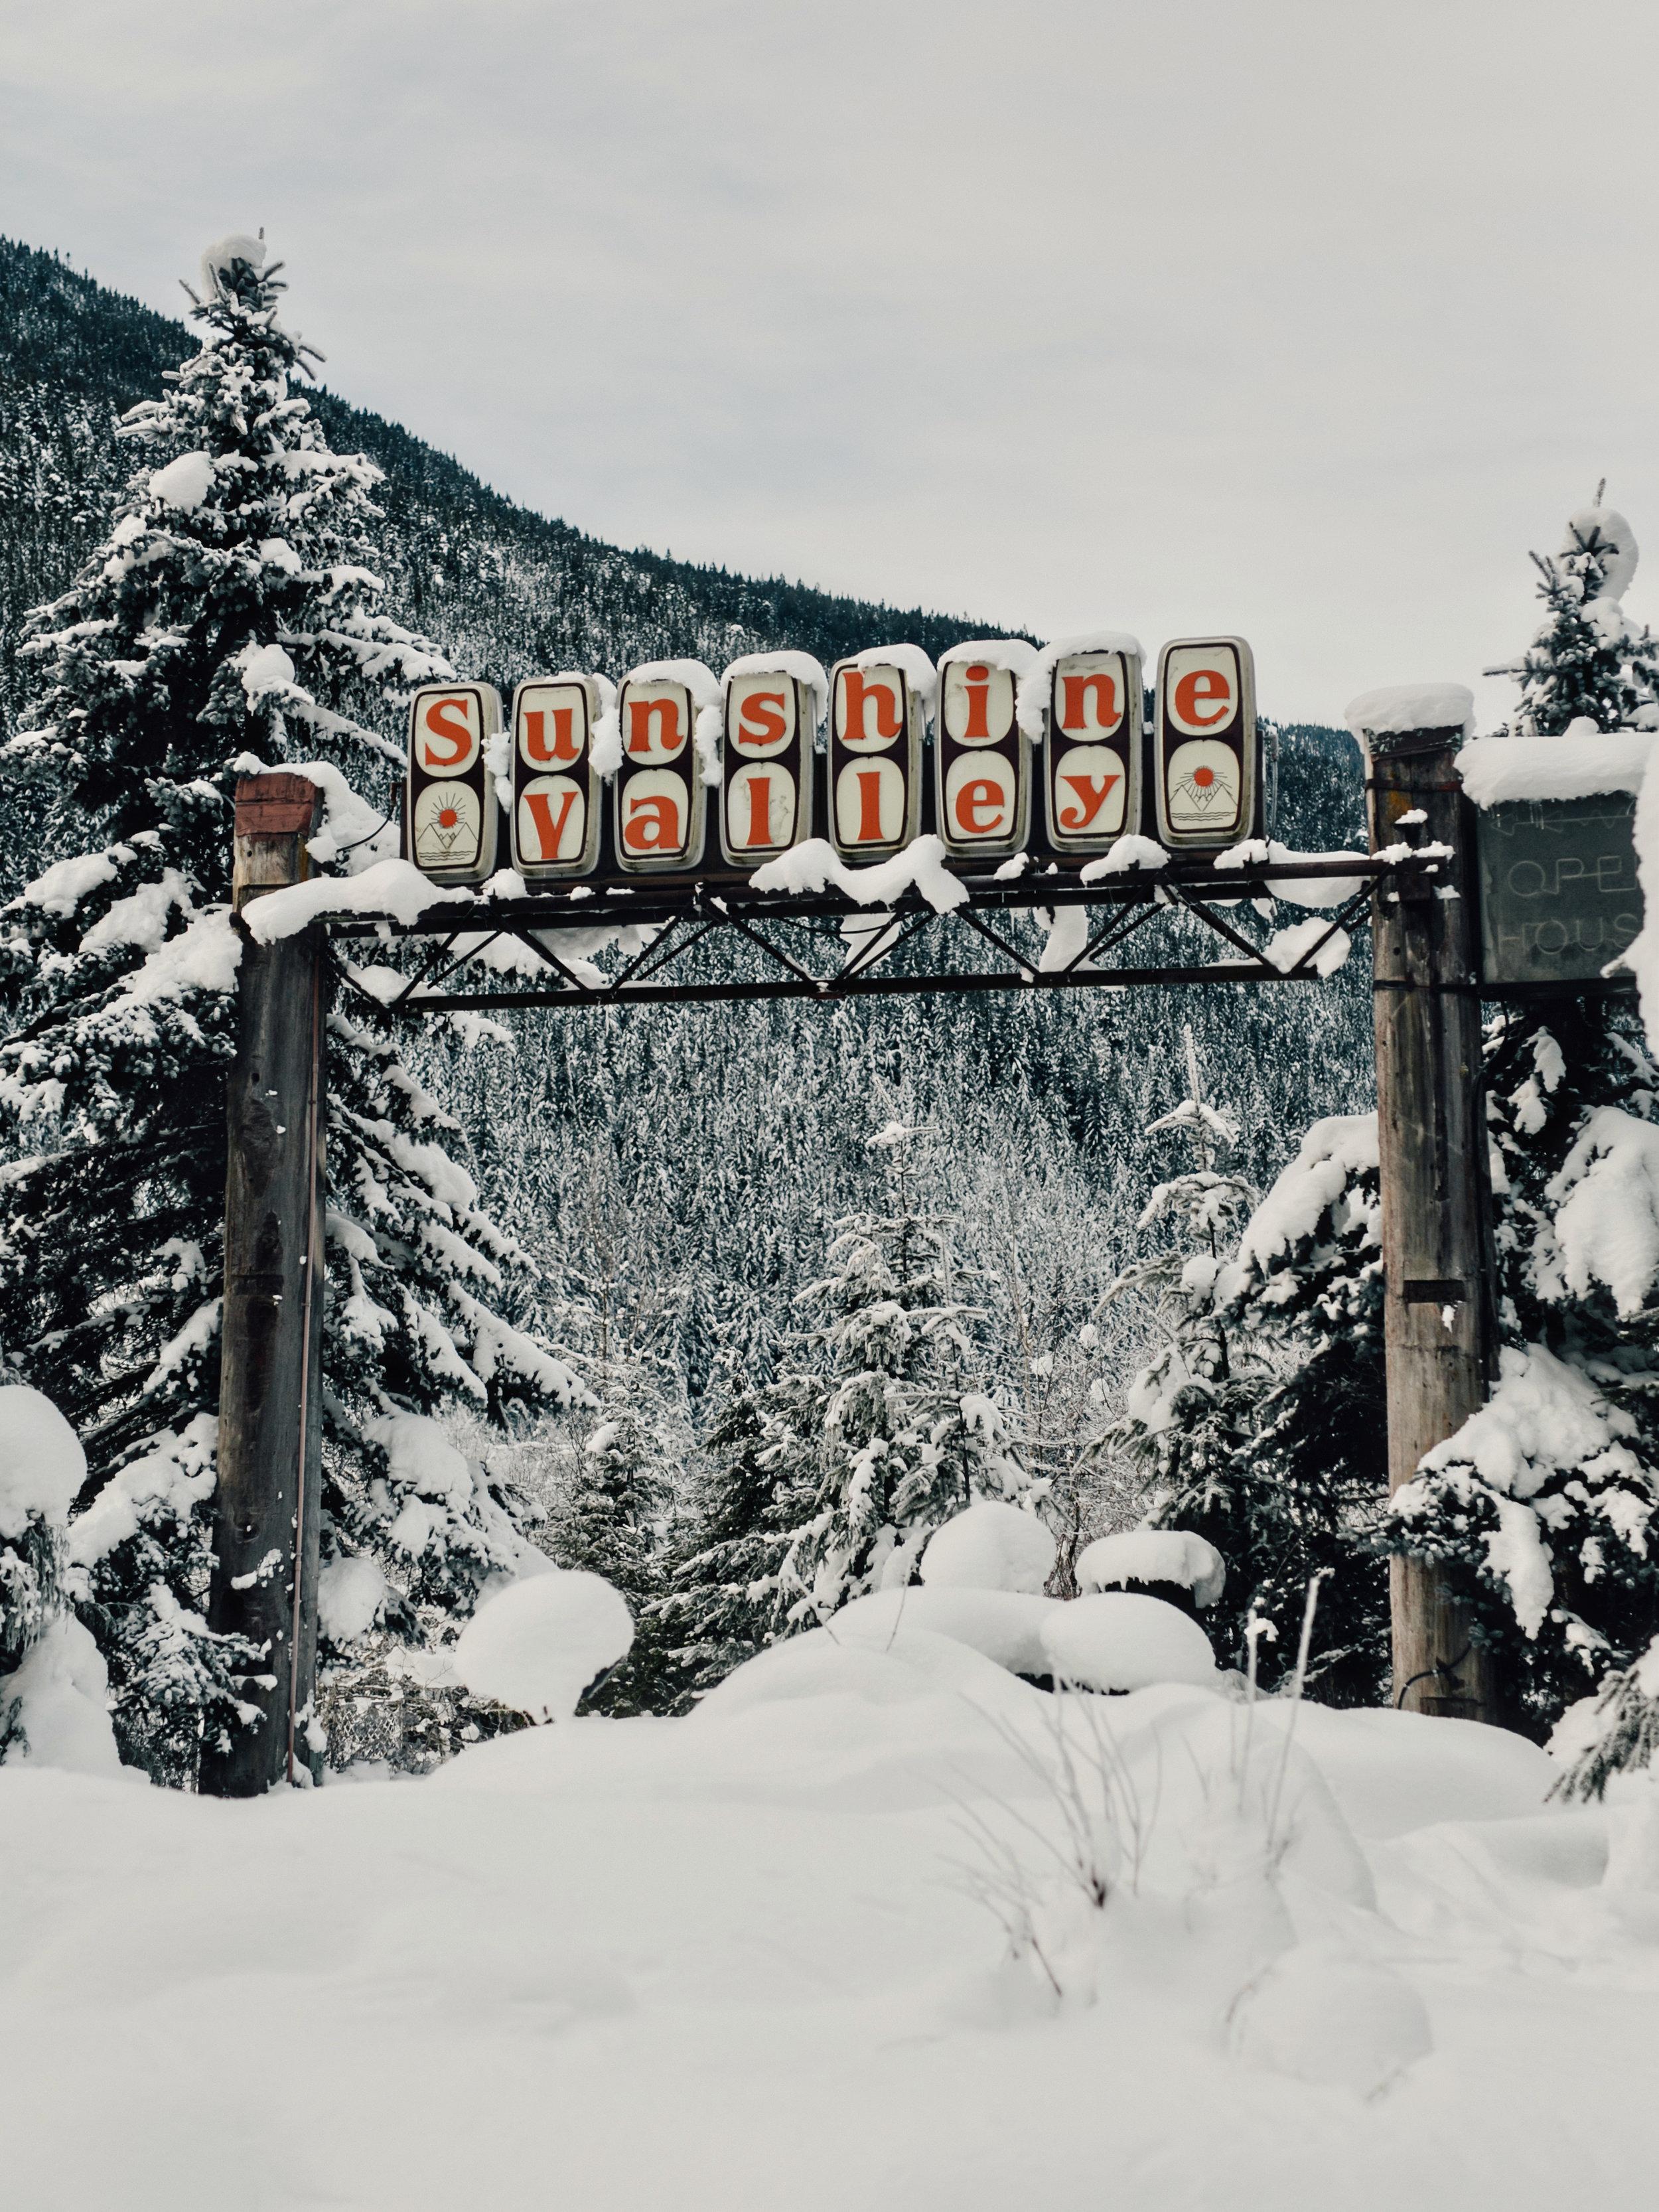 Sunshine Valley, British Columbia Canada